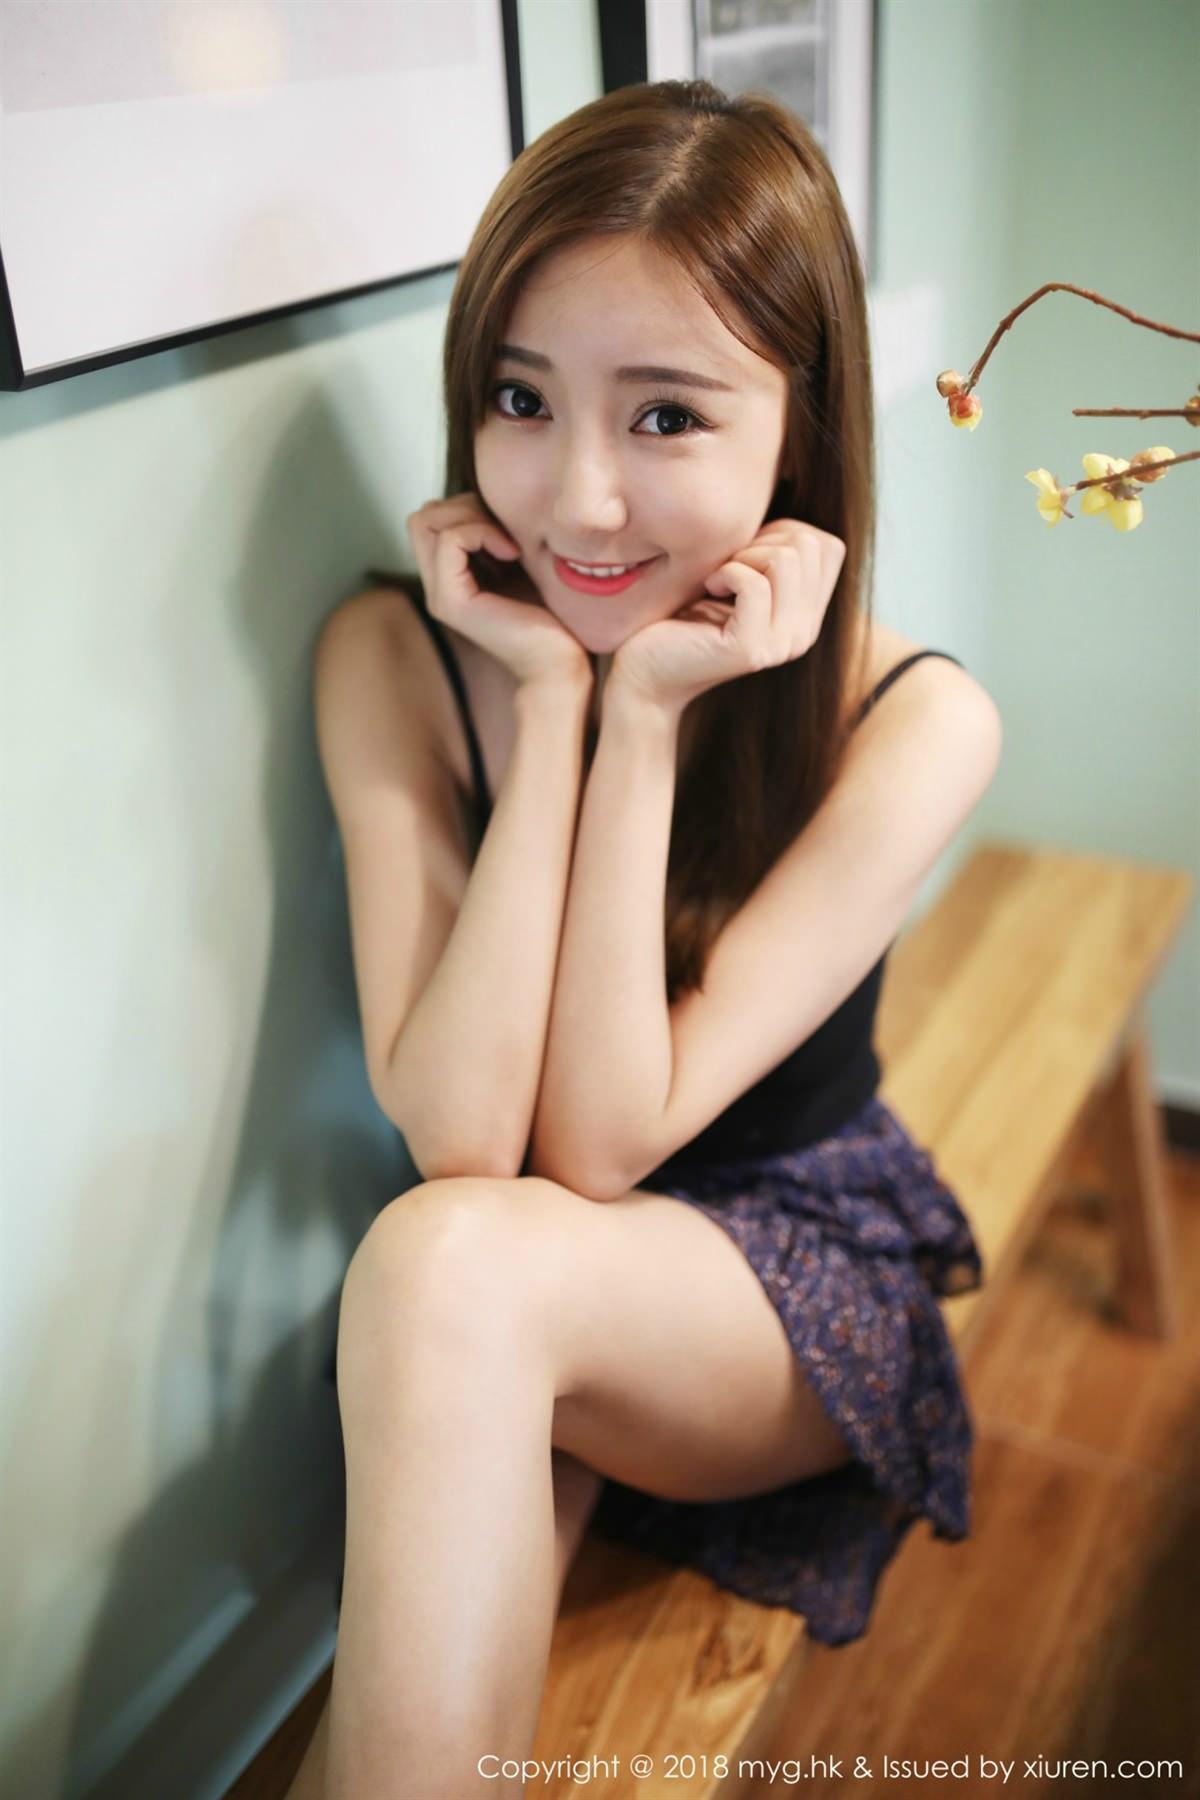 MyGirl Vol.293 4P, mygirl, Wang Xin Yao